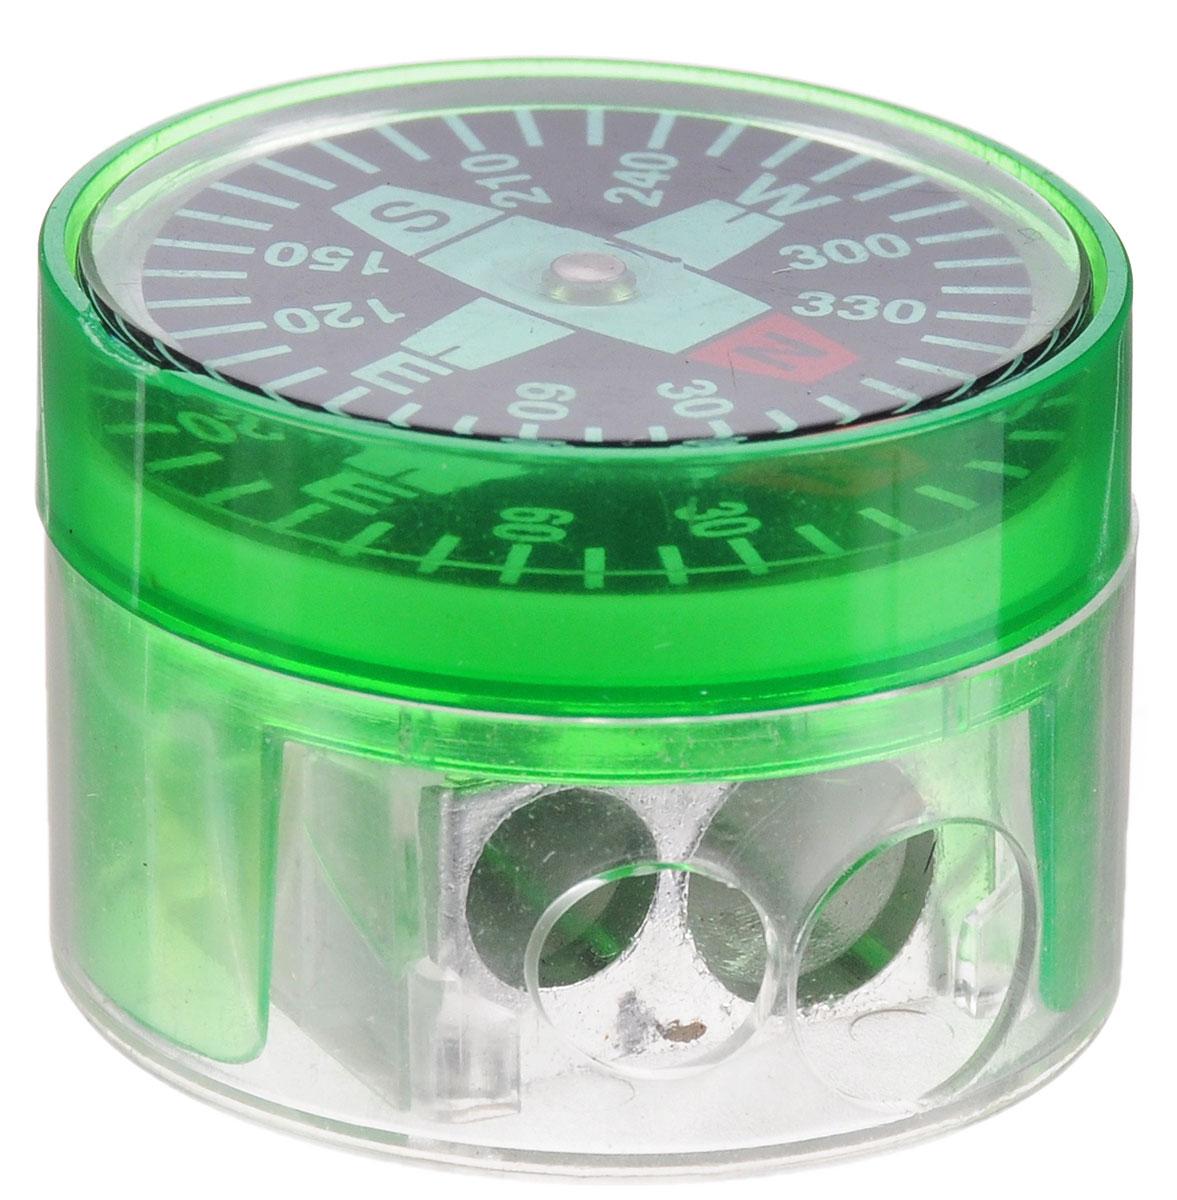 Brunnen Точилка двойная Компас цвет зеленыйSG.Е-PP/M*Двойная точилка Brunnen Компас выполнена из прочного пластика.В точилке имеются два отверстия для карандашей различного диаметра. Подходит для разных видов карандашей. При повороте пластикового контейнера, отверстия закрываются.Полупрозрачный контейнер для сбора стружки позволяет визуально контролировать уровень заполнения и вовремя производить очистку. В крышку контейнера встроен небольшой компас.